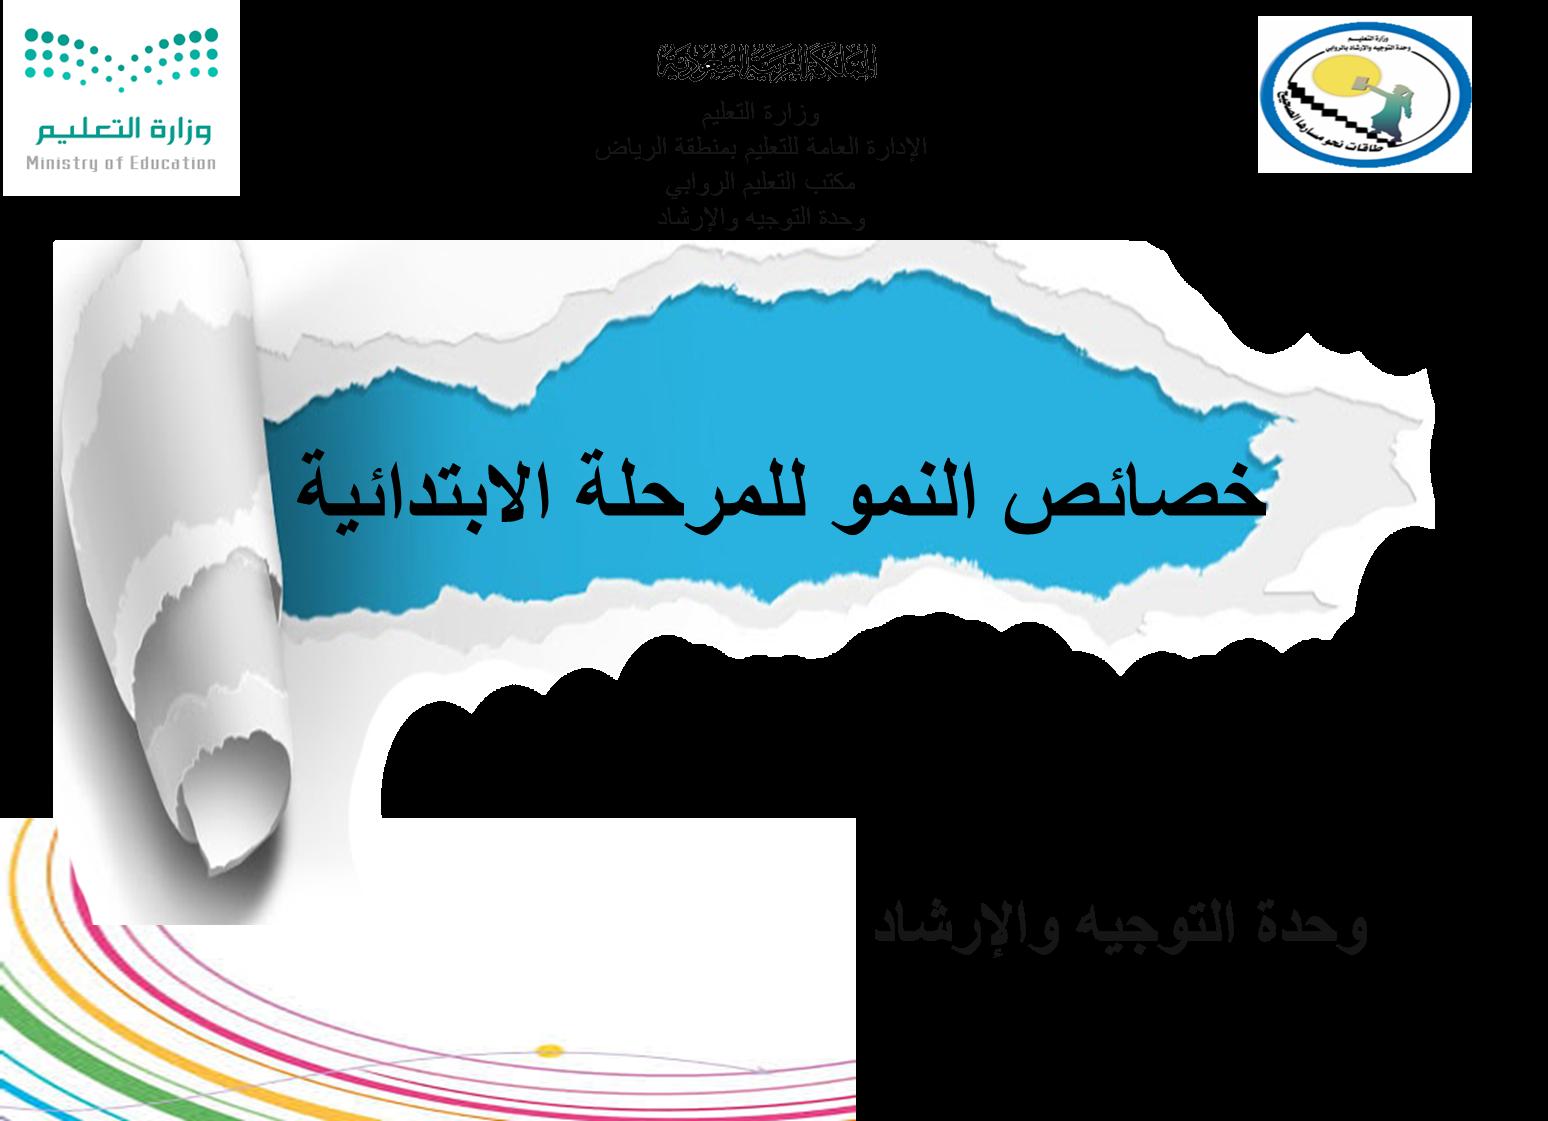 معجم مرافقة عذر حقيبة تدريبية عن خصائص نمو الطلاب Ffigh Org